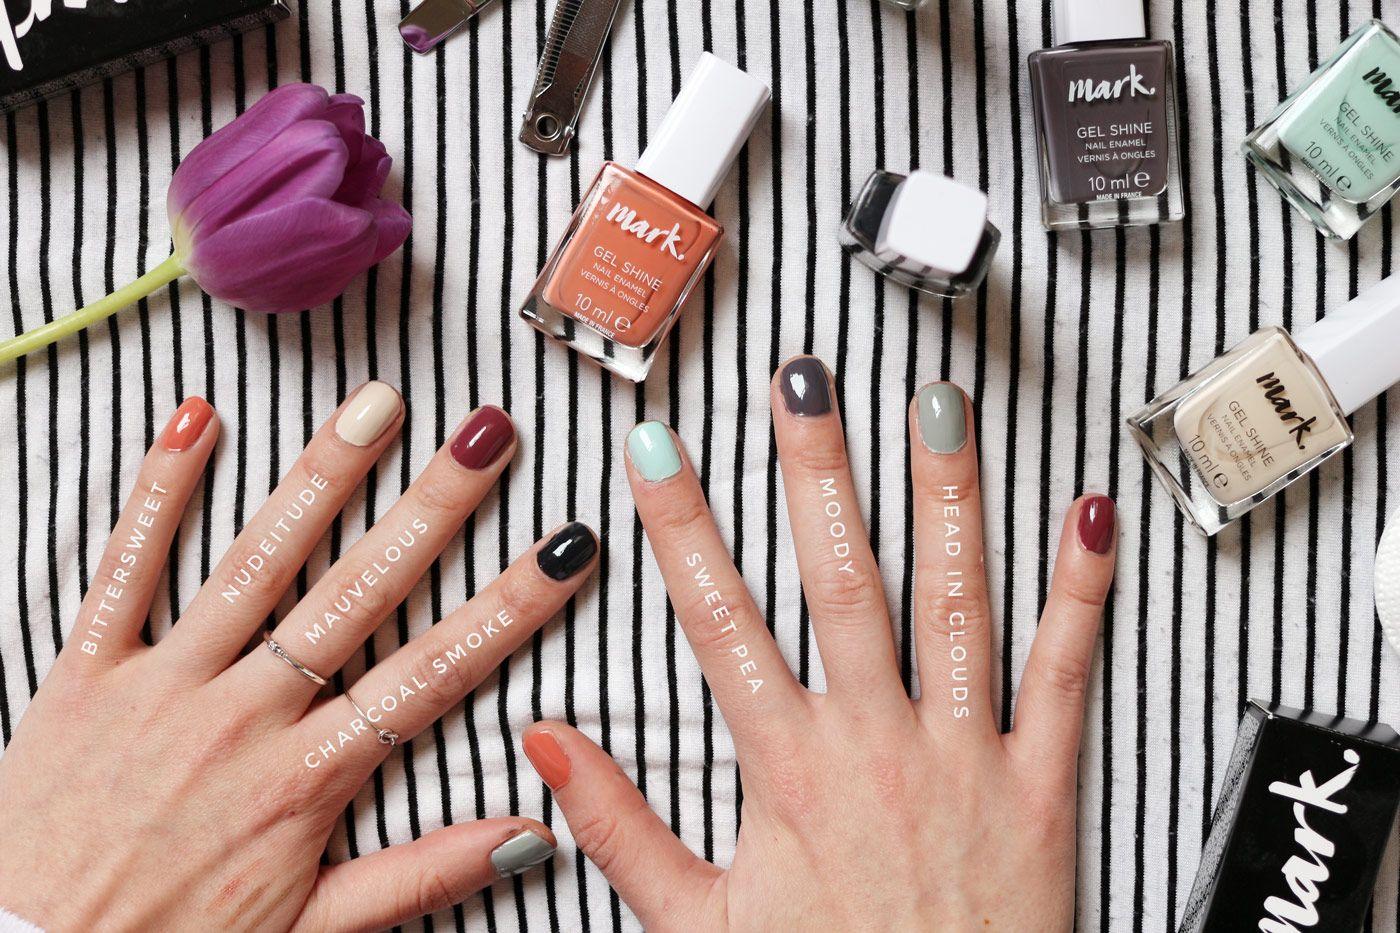 The New Nail Polish Brand - Avon\'s Mark Gel Polish | Nail polish ...